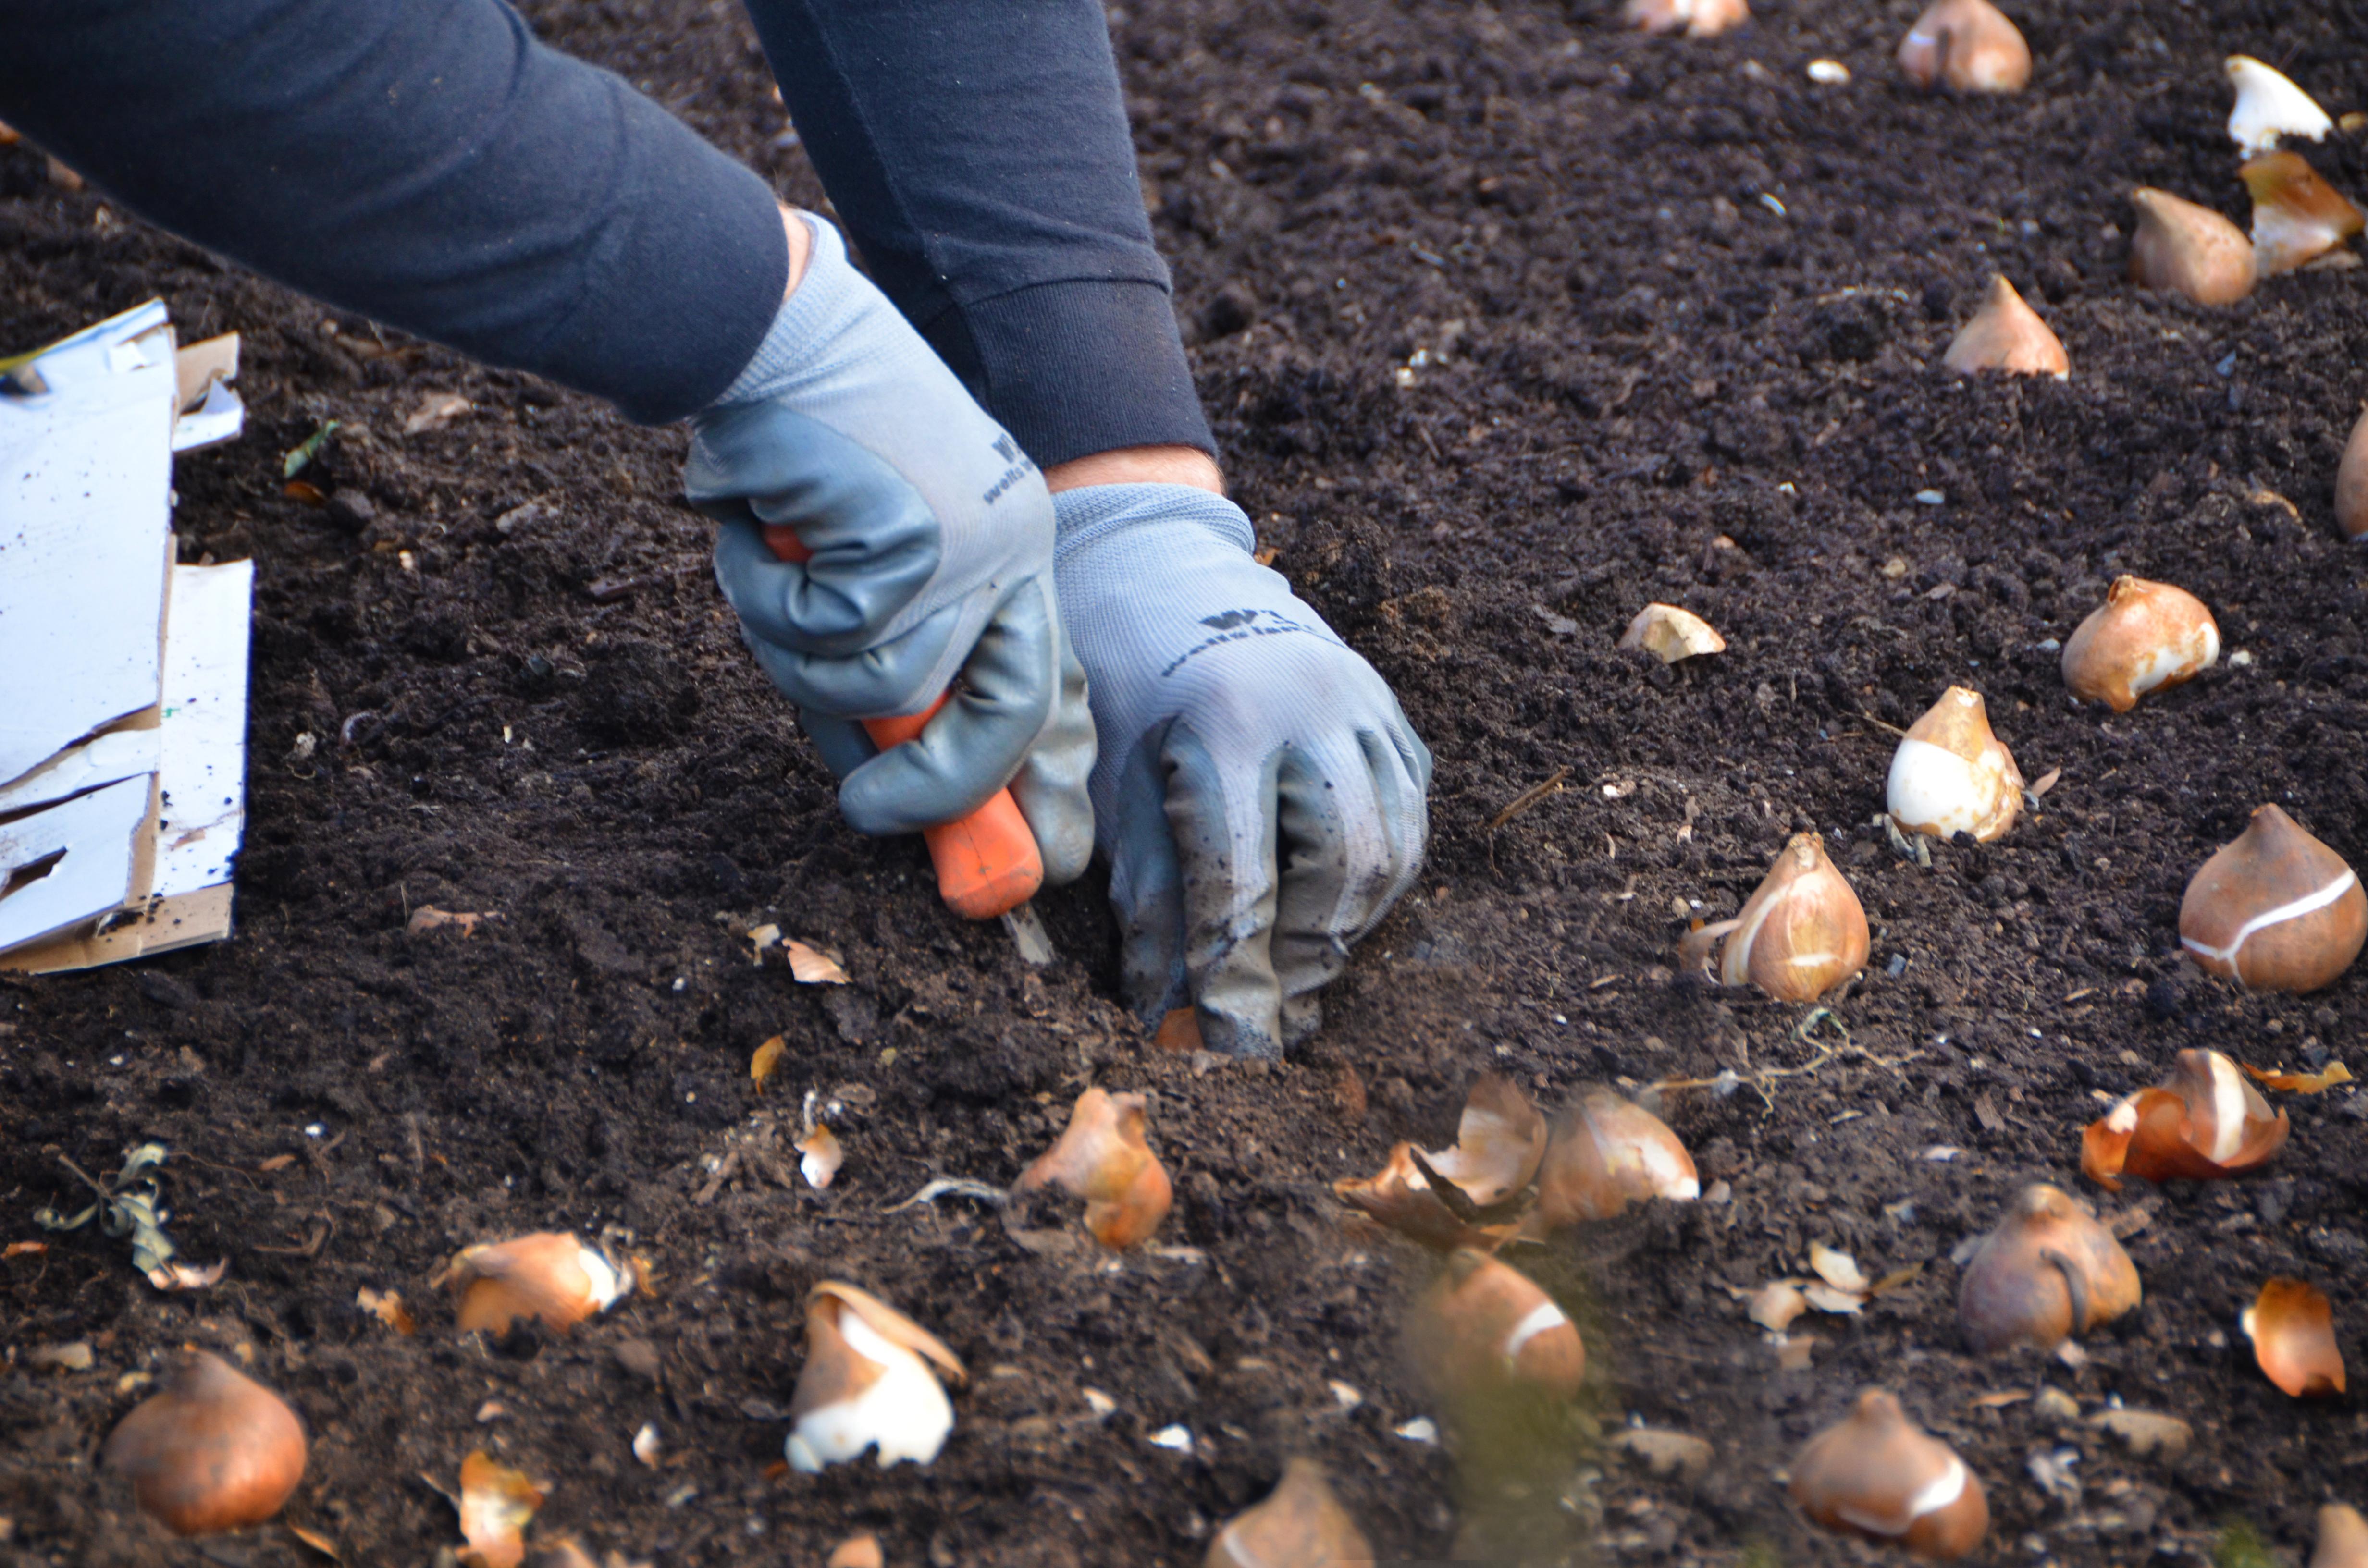 Dan planting tulips